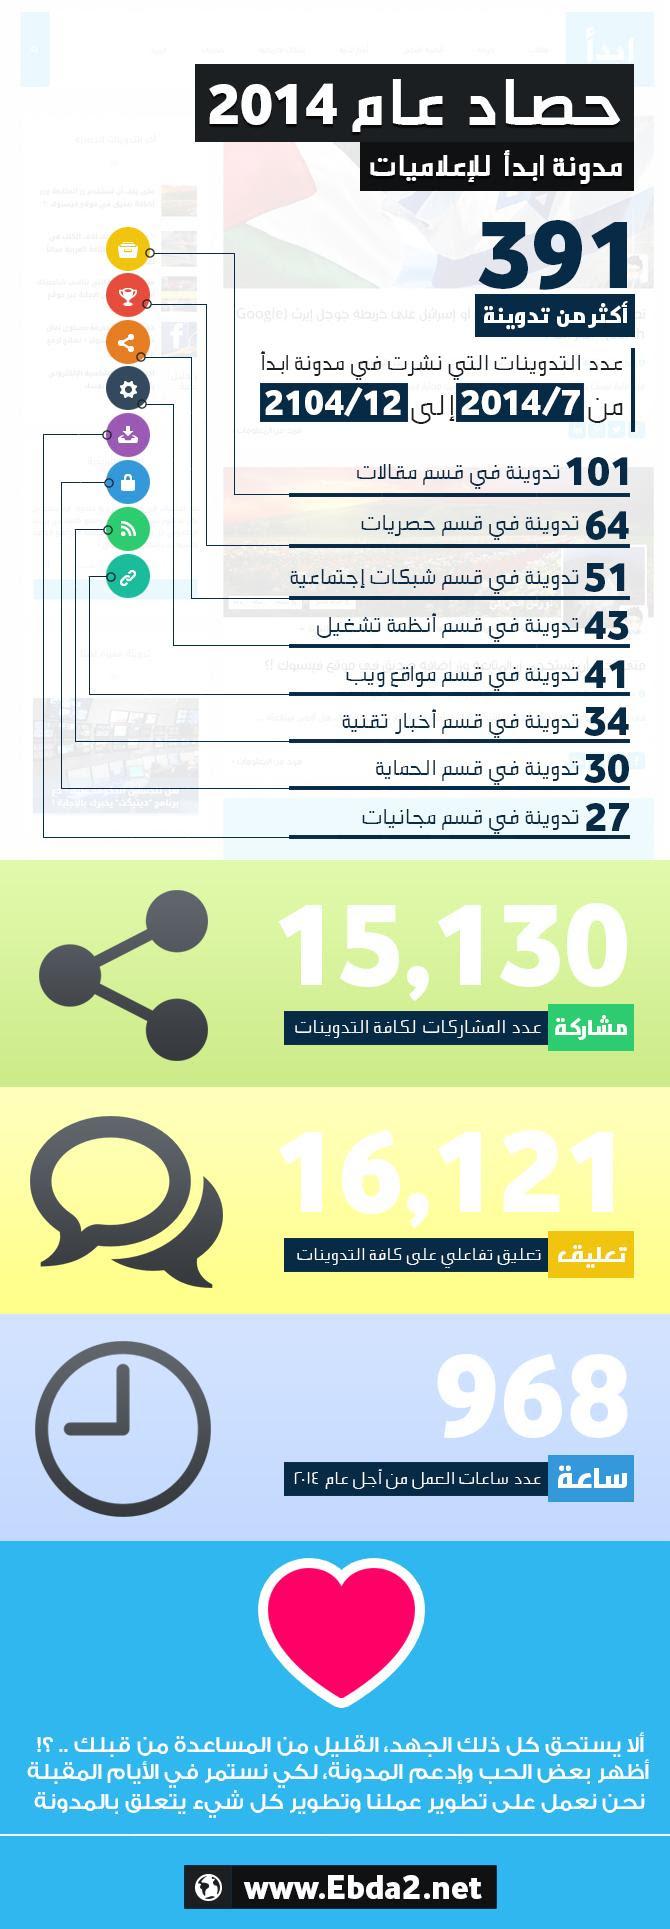 [انفوجرافيك] حصاد عام 2014 لمدونة ابدأ للإعلاميات - أرقام وإحصائيات ..